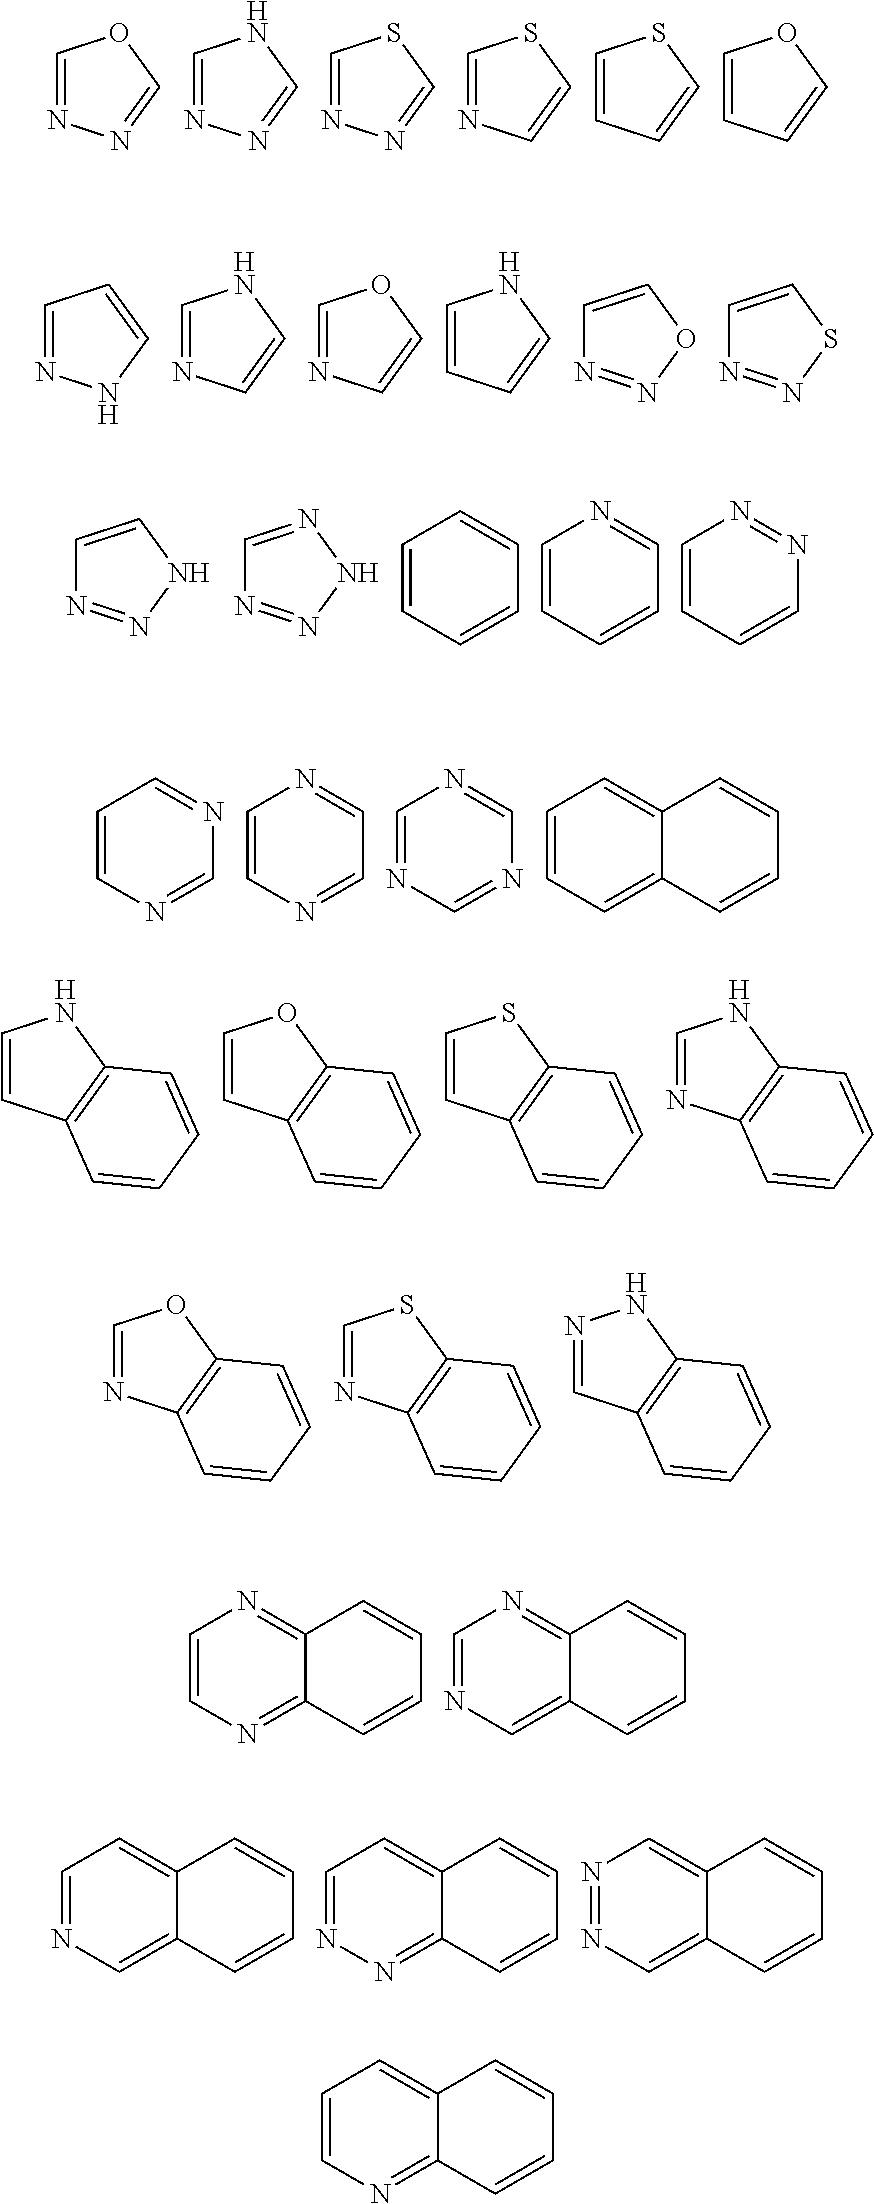 Figure US20180194792A1-20180712-C00019